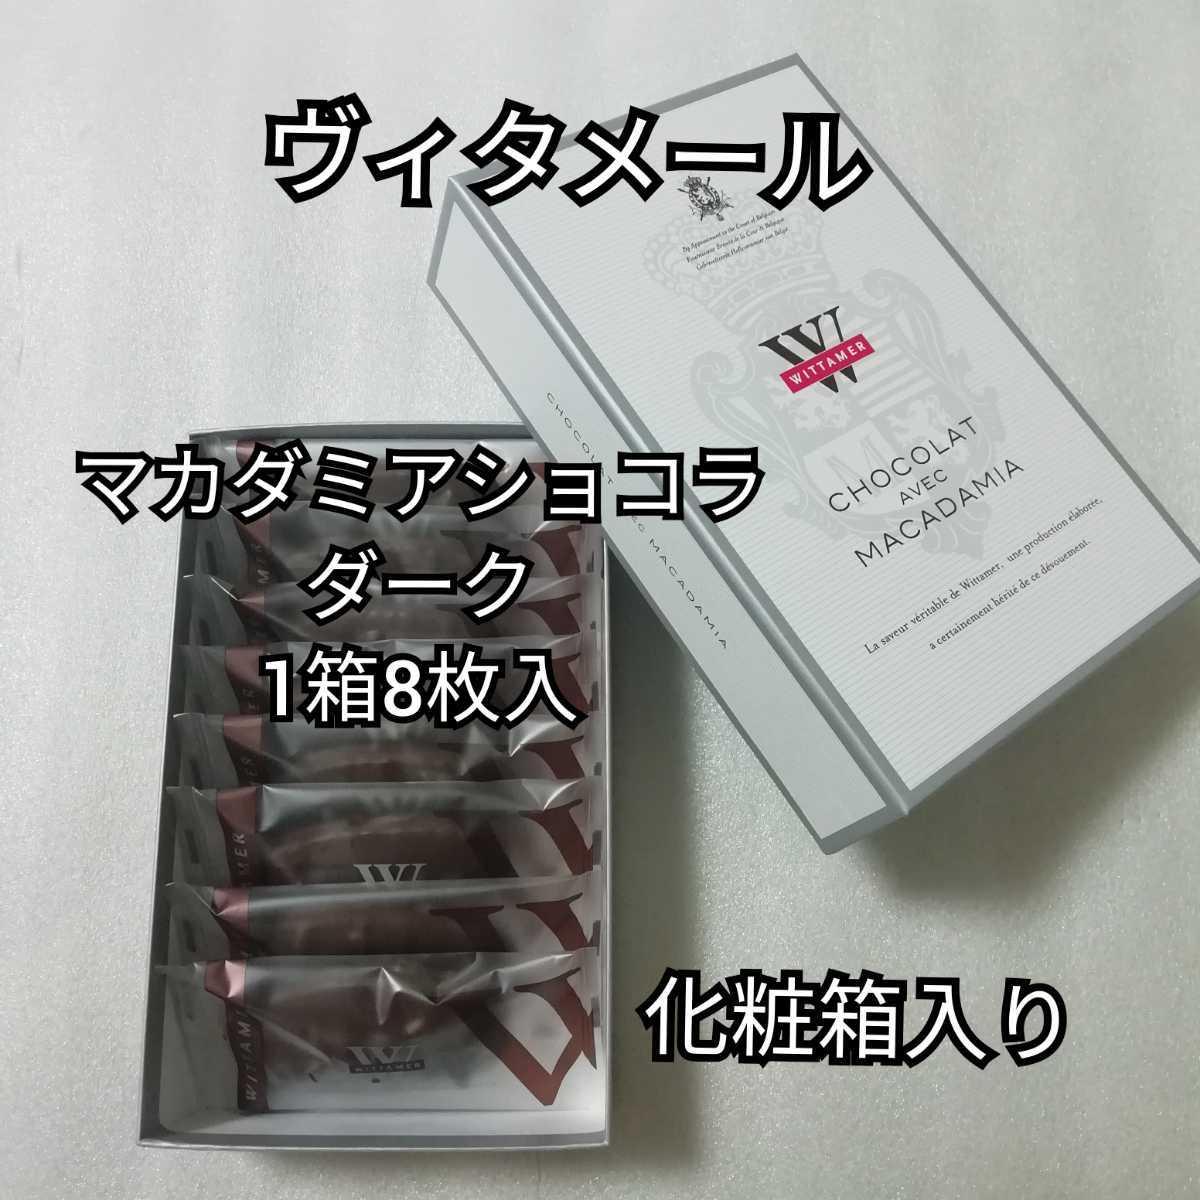 ヴィタメール マカダミアショコラ ダーク 1箱8枚入 チョコ チョコレート お菓子_画像1